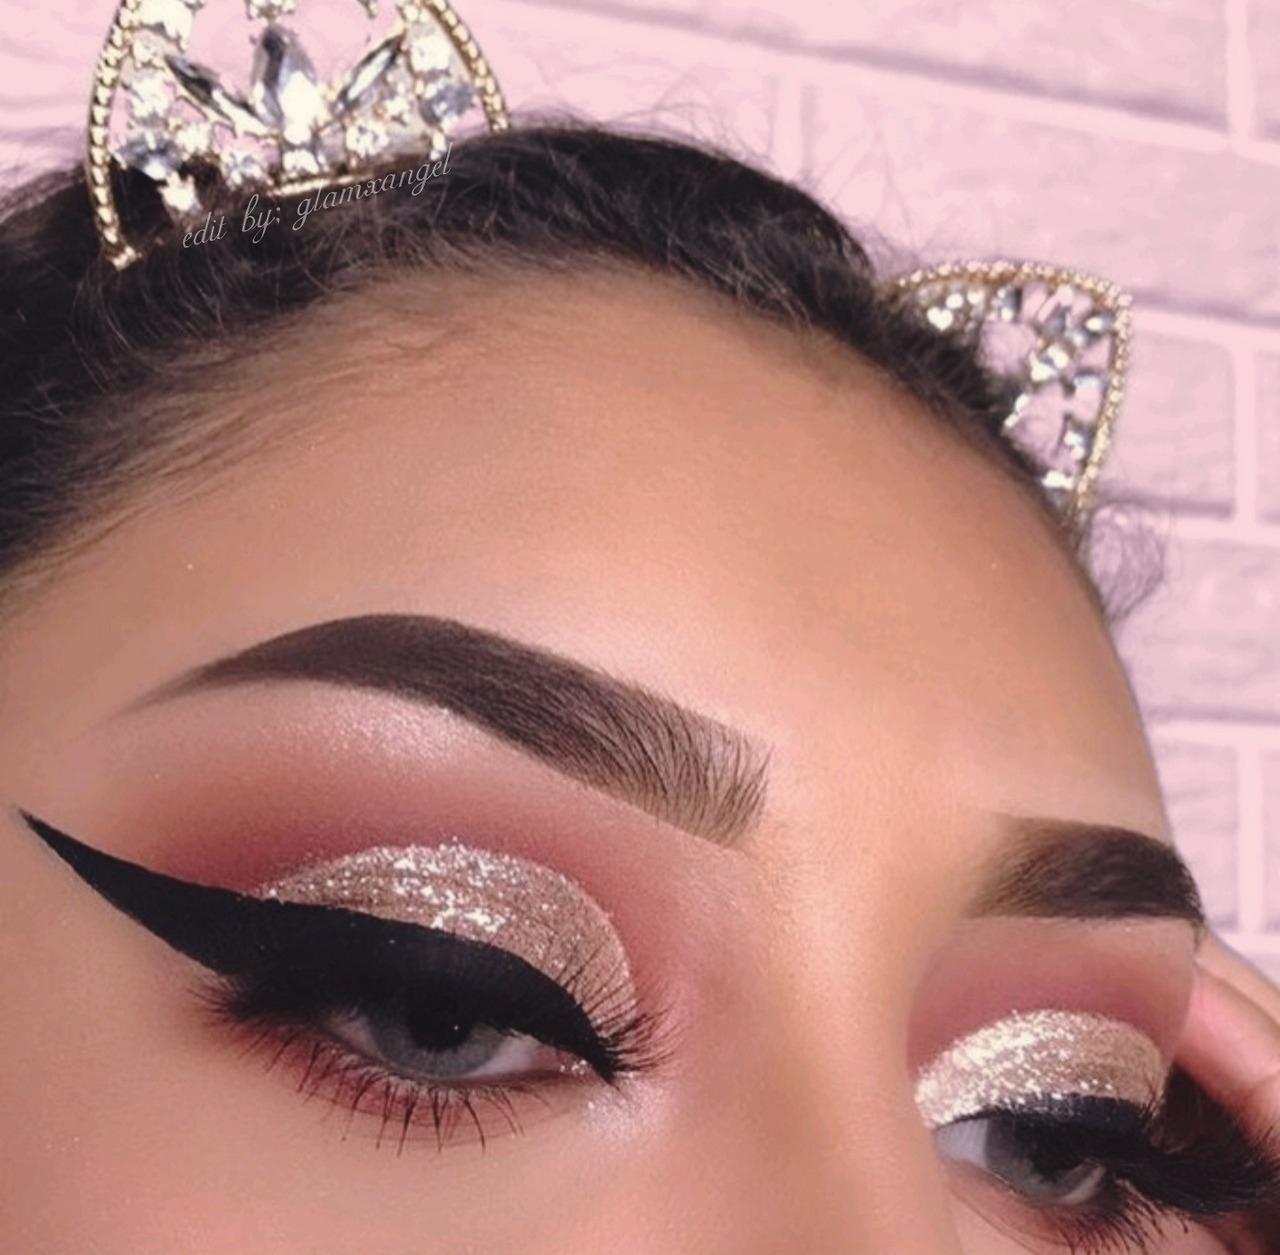 cute makeup ideas for brown eyes tumblr - wavy haircut